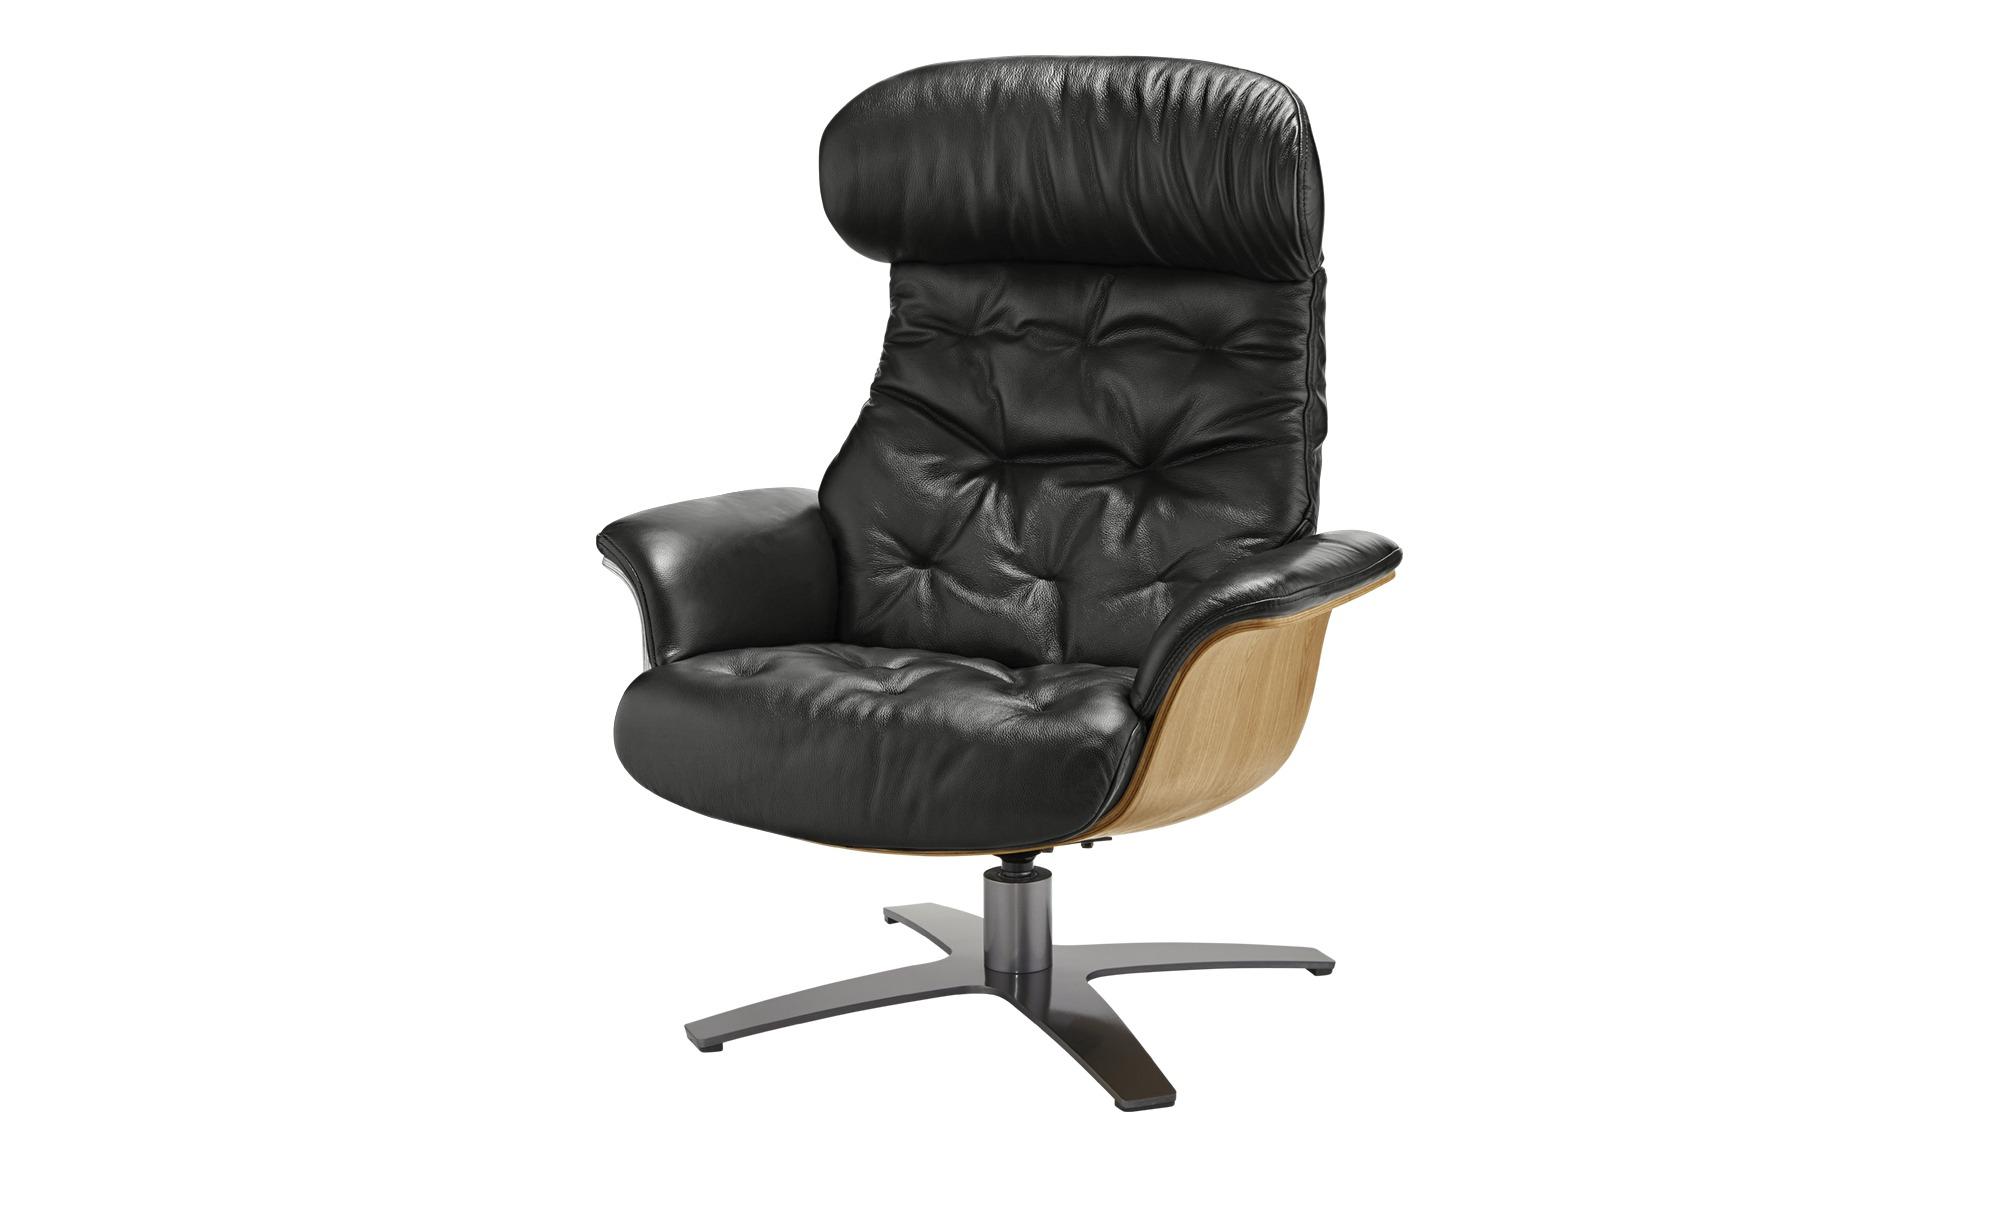 uno Relaxsessel  Charis ¦ schwarz ¦ Maße (cm): B: 79 H: 100 T: 84 Polstermöbel > Sessel > Ledersessel - Höffner